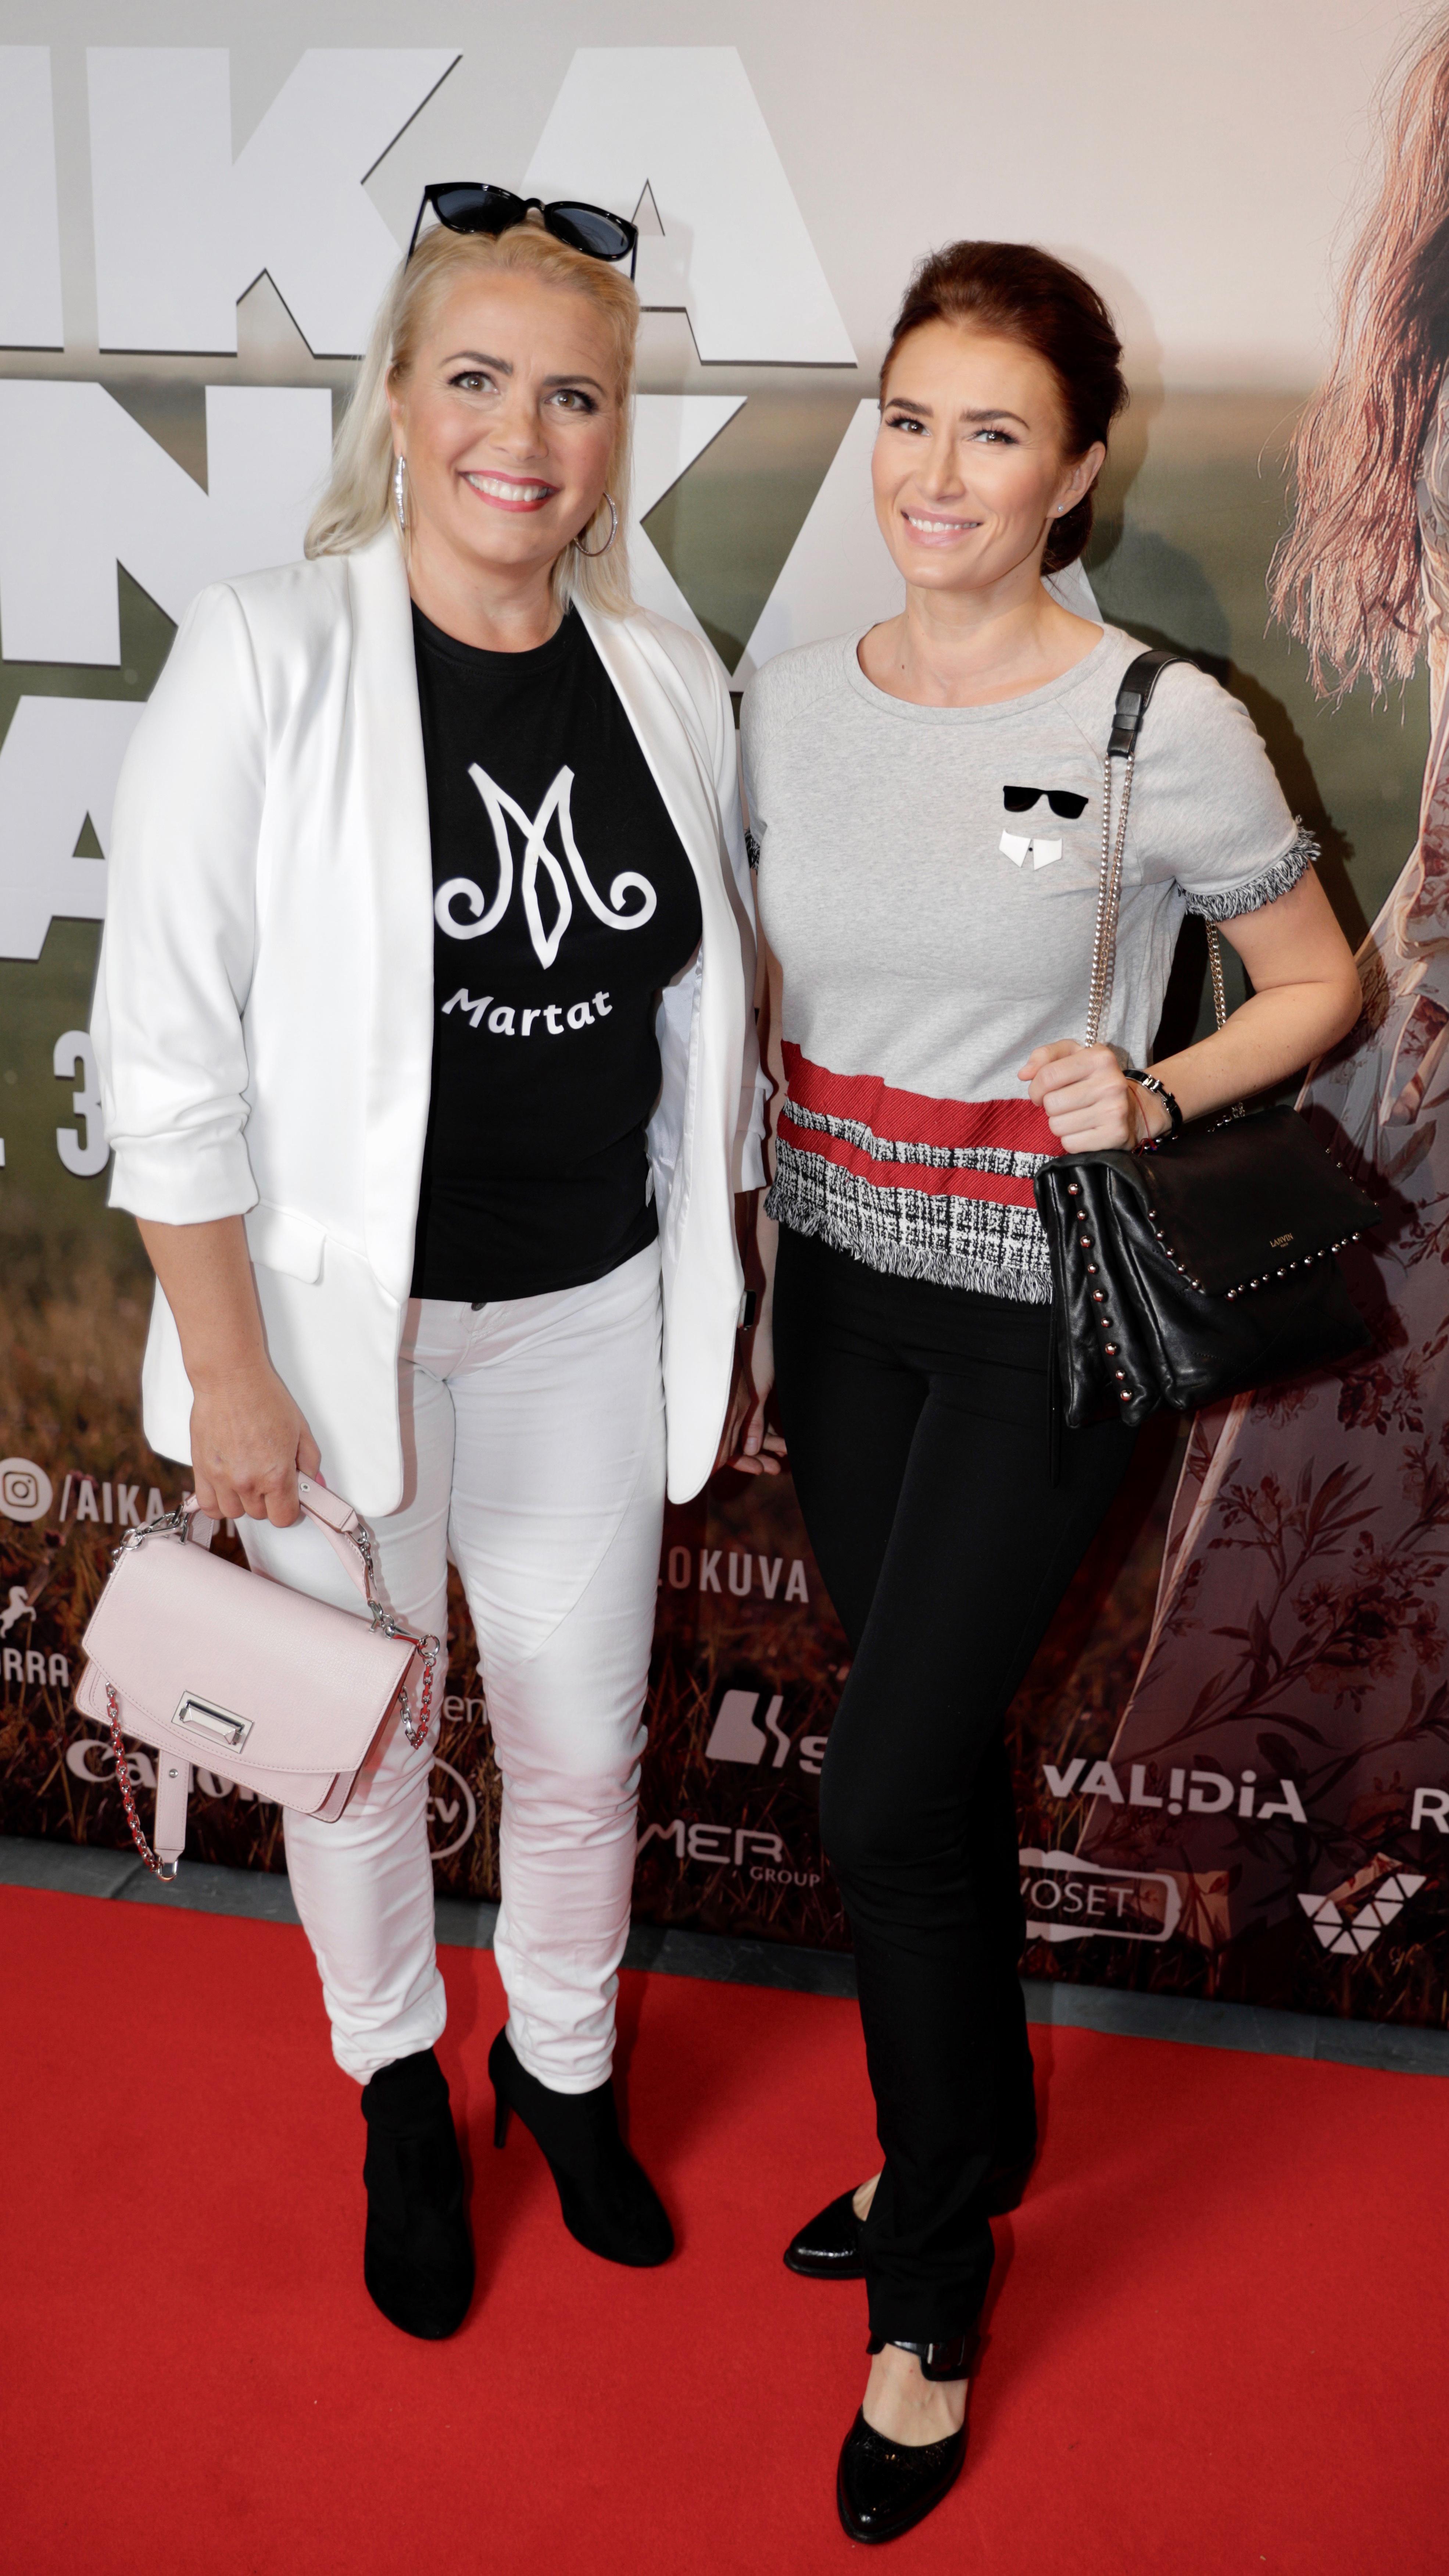 Kaisa Liski ja tytär Amanda Kallio vierailivat Aika jonka sain -elokuvan uusintaensi-illassa.